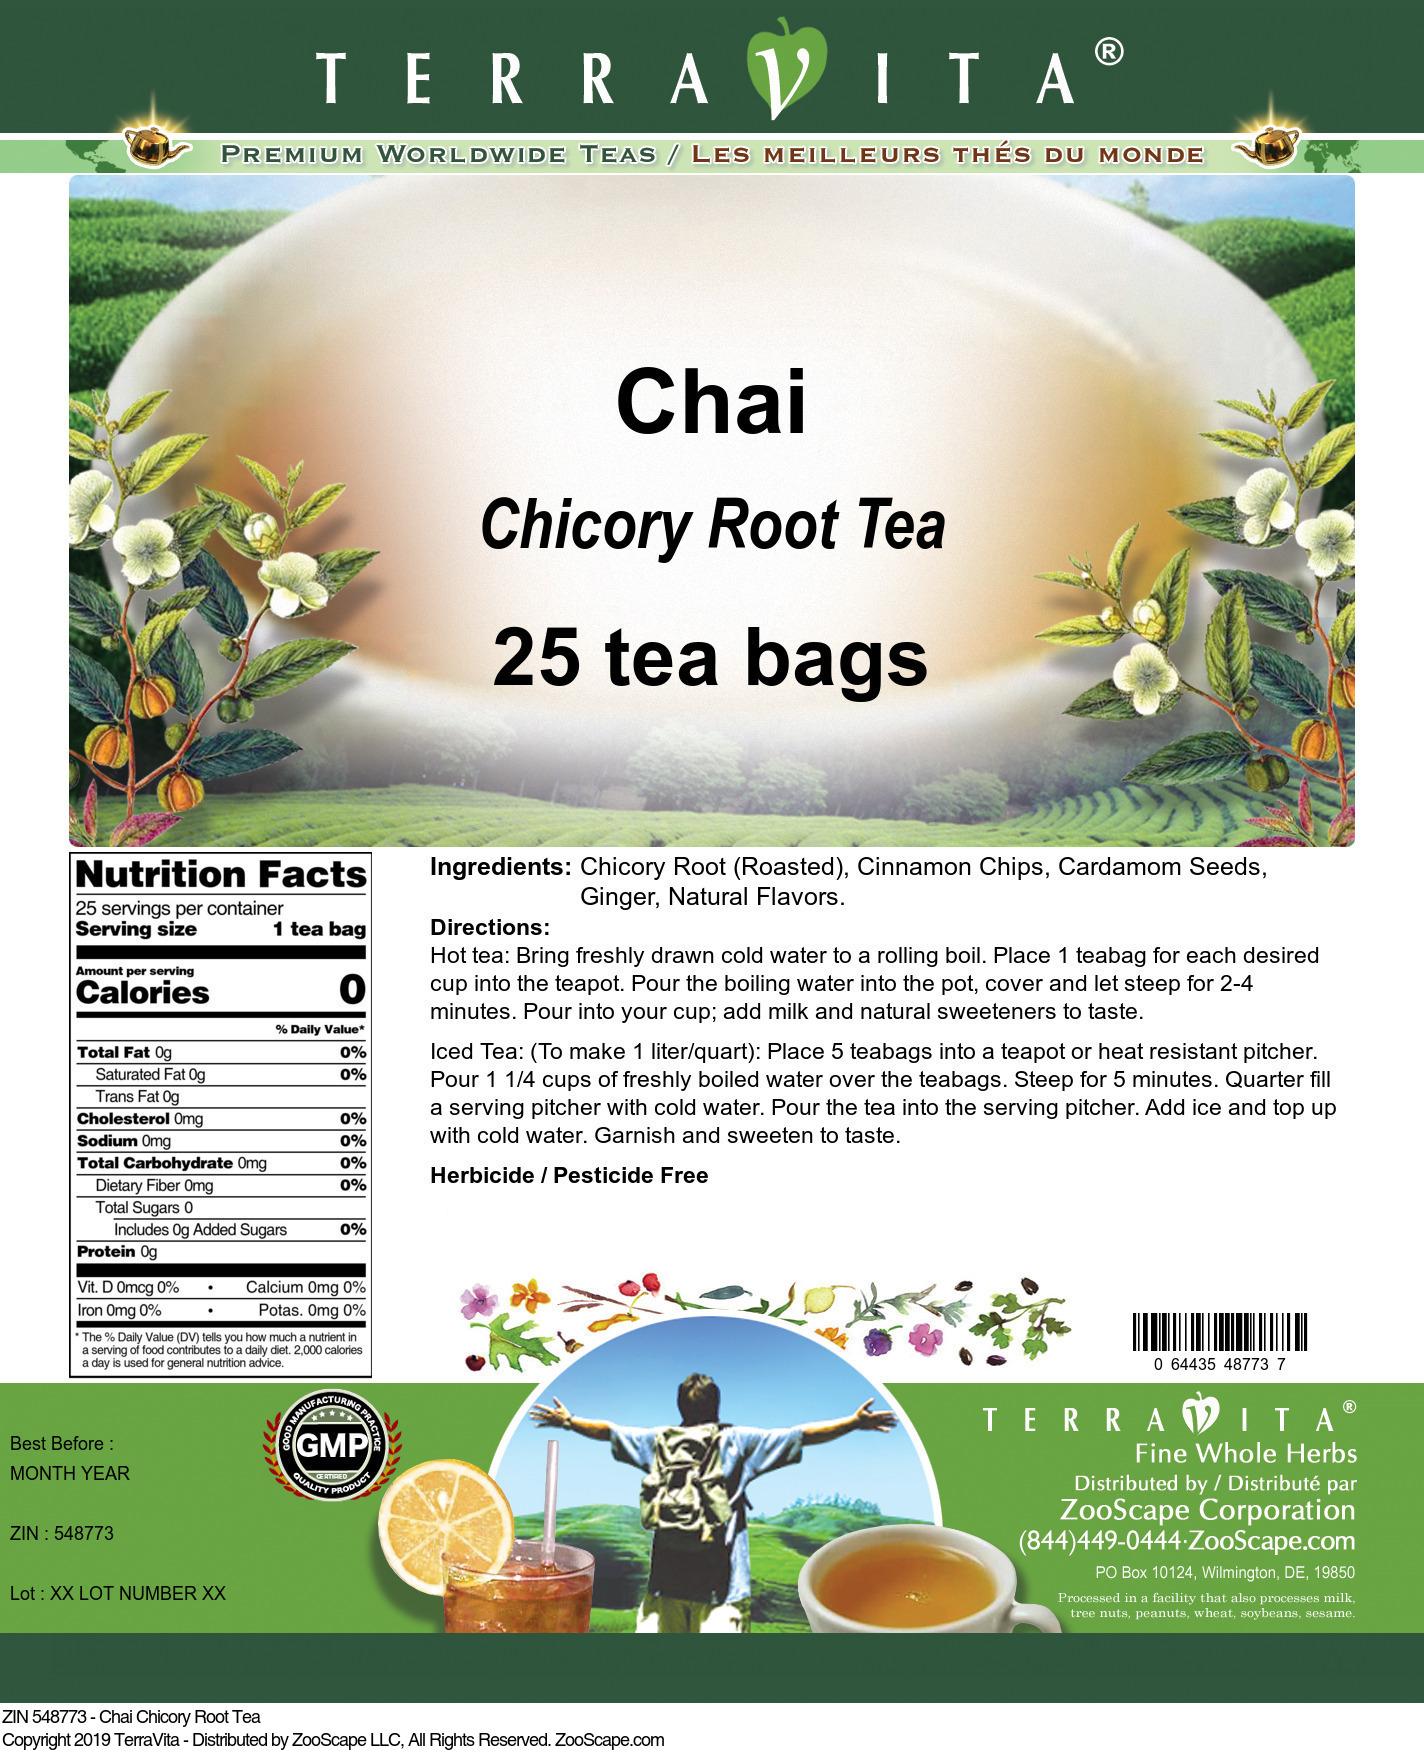 Chai Chicory Root